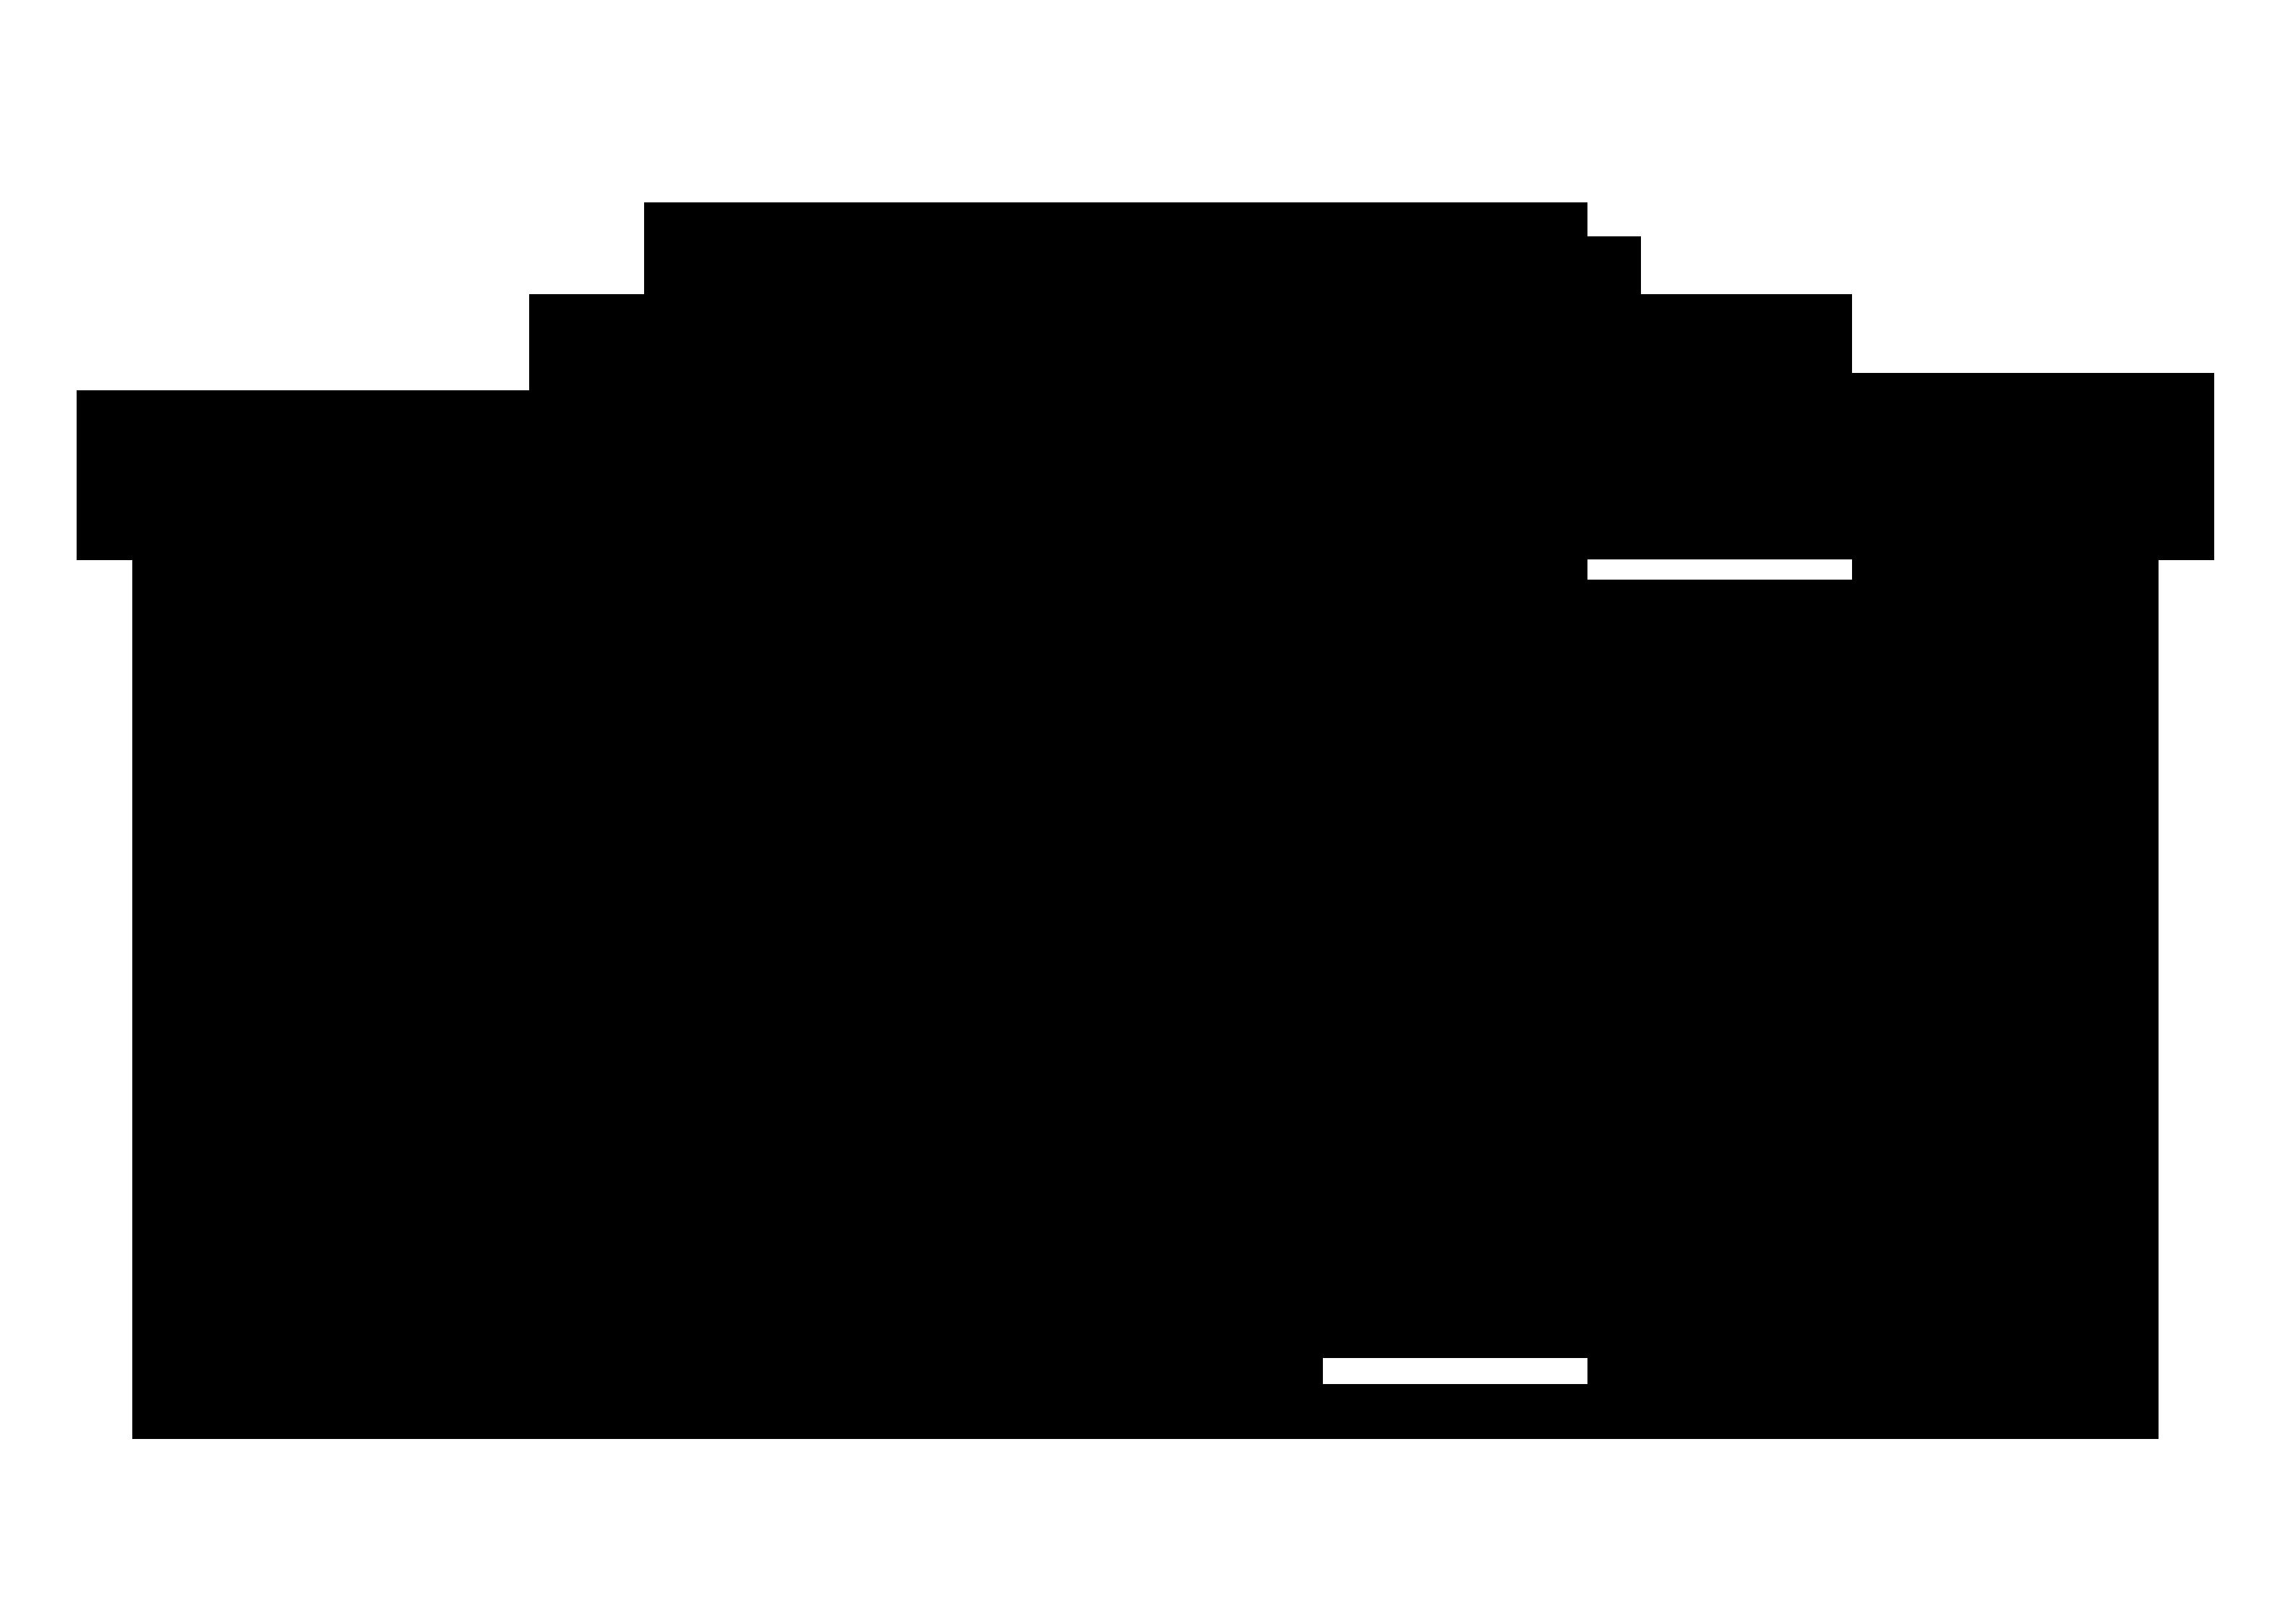 礁溪P001-確認平配 P001 -2 (1)